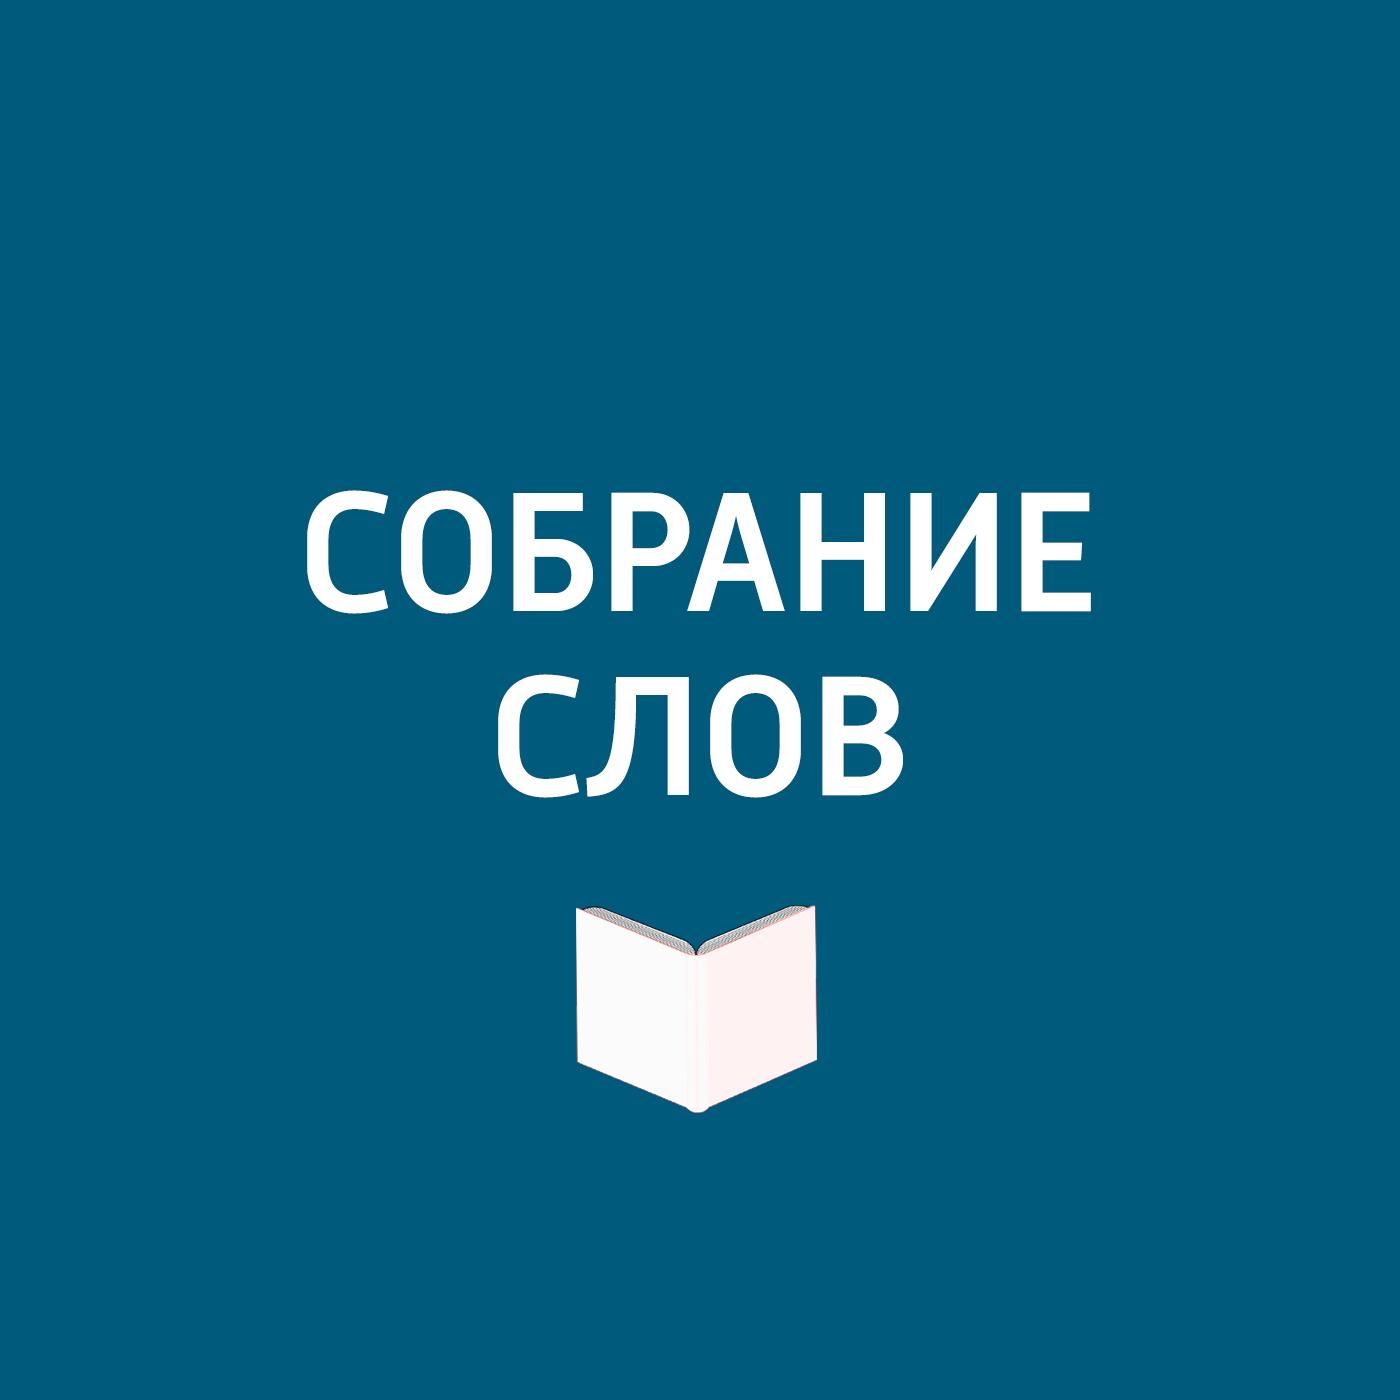 все цены на Творческий коллектив программы «Собрание слов» Большое интервью Сати Спиваковой онлайн